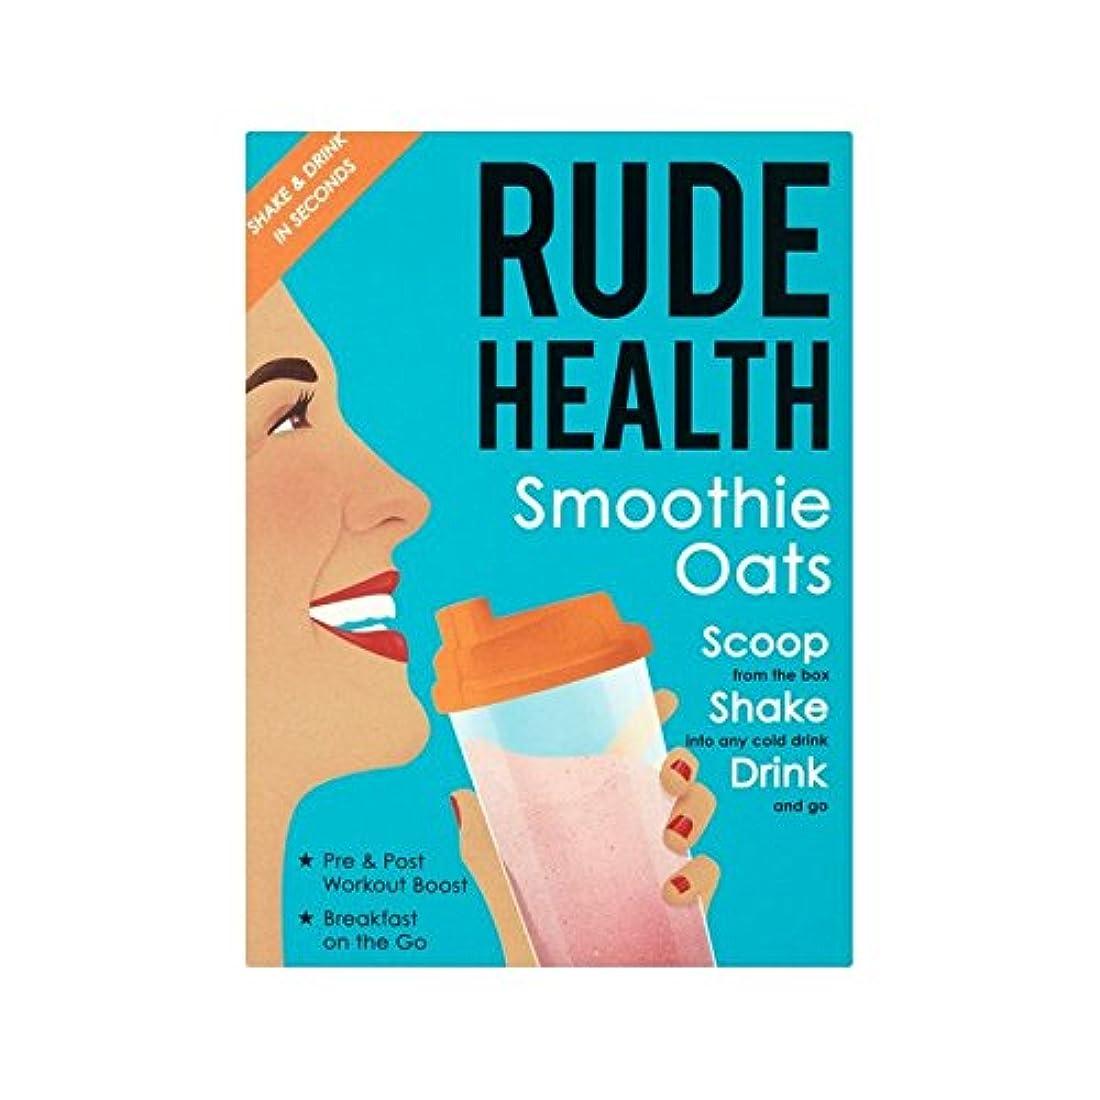 描く甥乳製品スムージーオート麦250グラム (Rude Health) (x 2) - Rude Health Smoothie Oats 250g (Pack of 2) [並行輸入品]